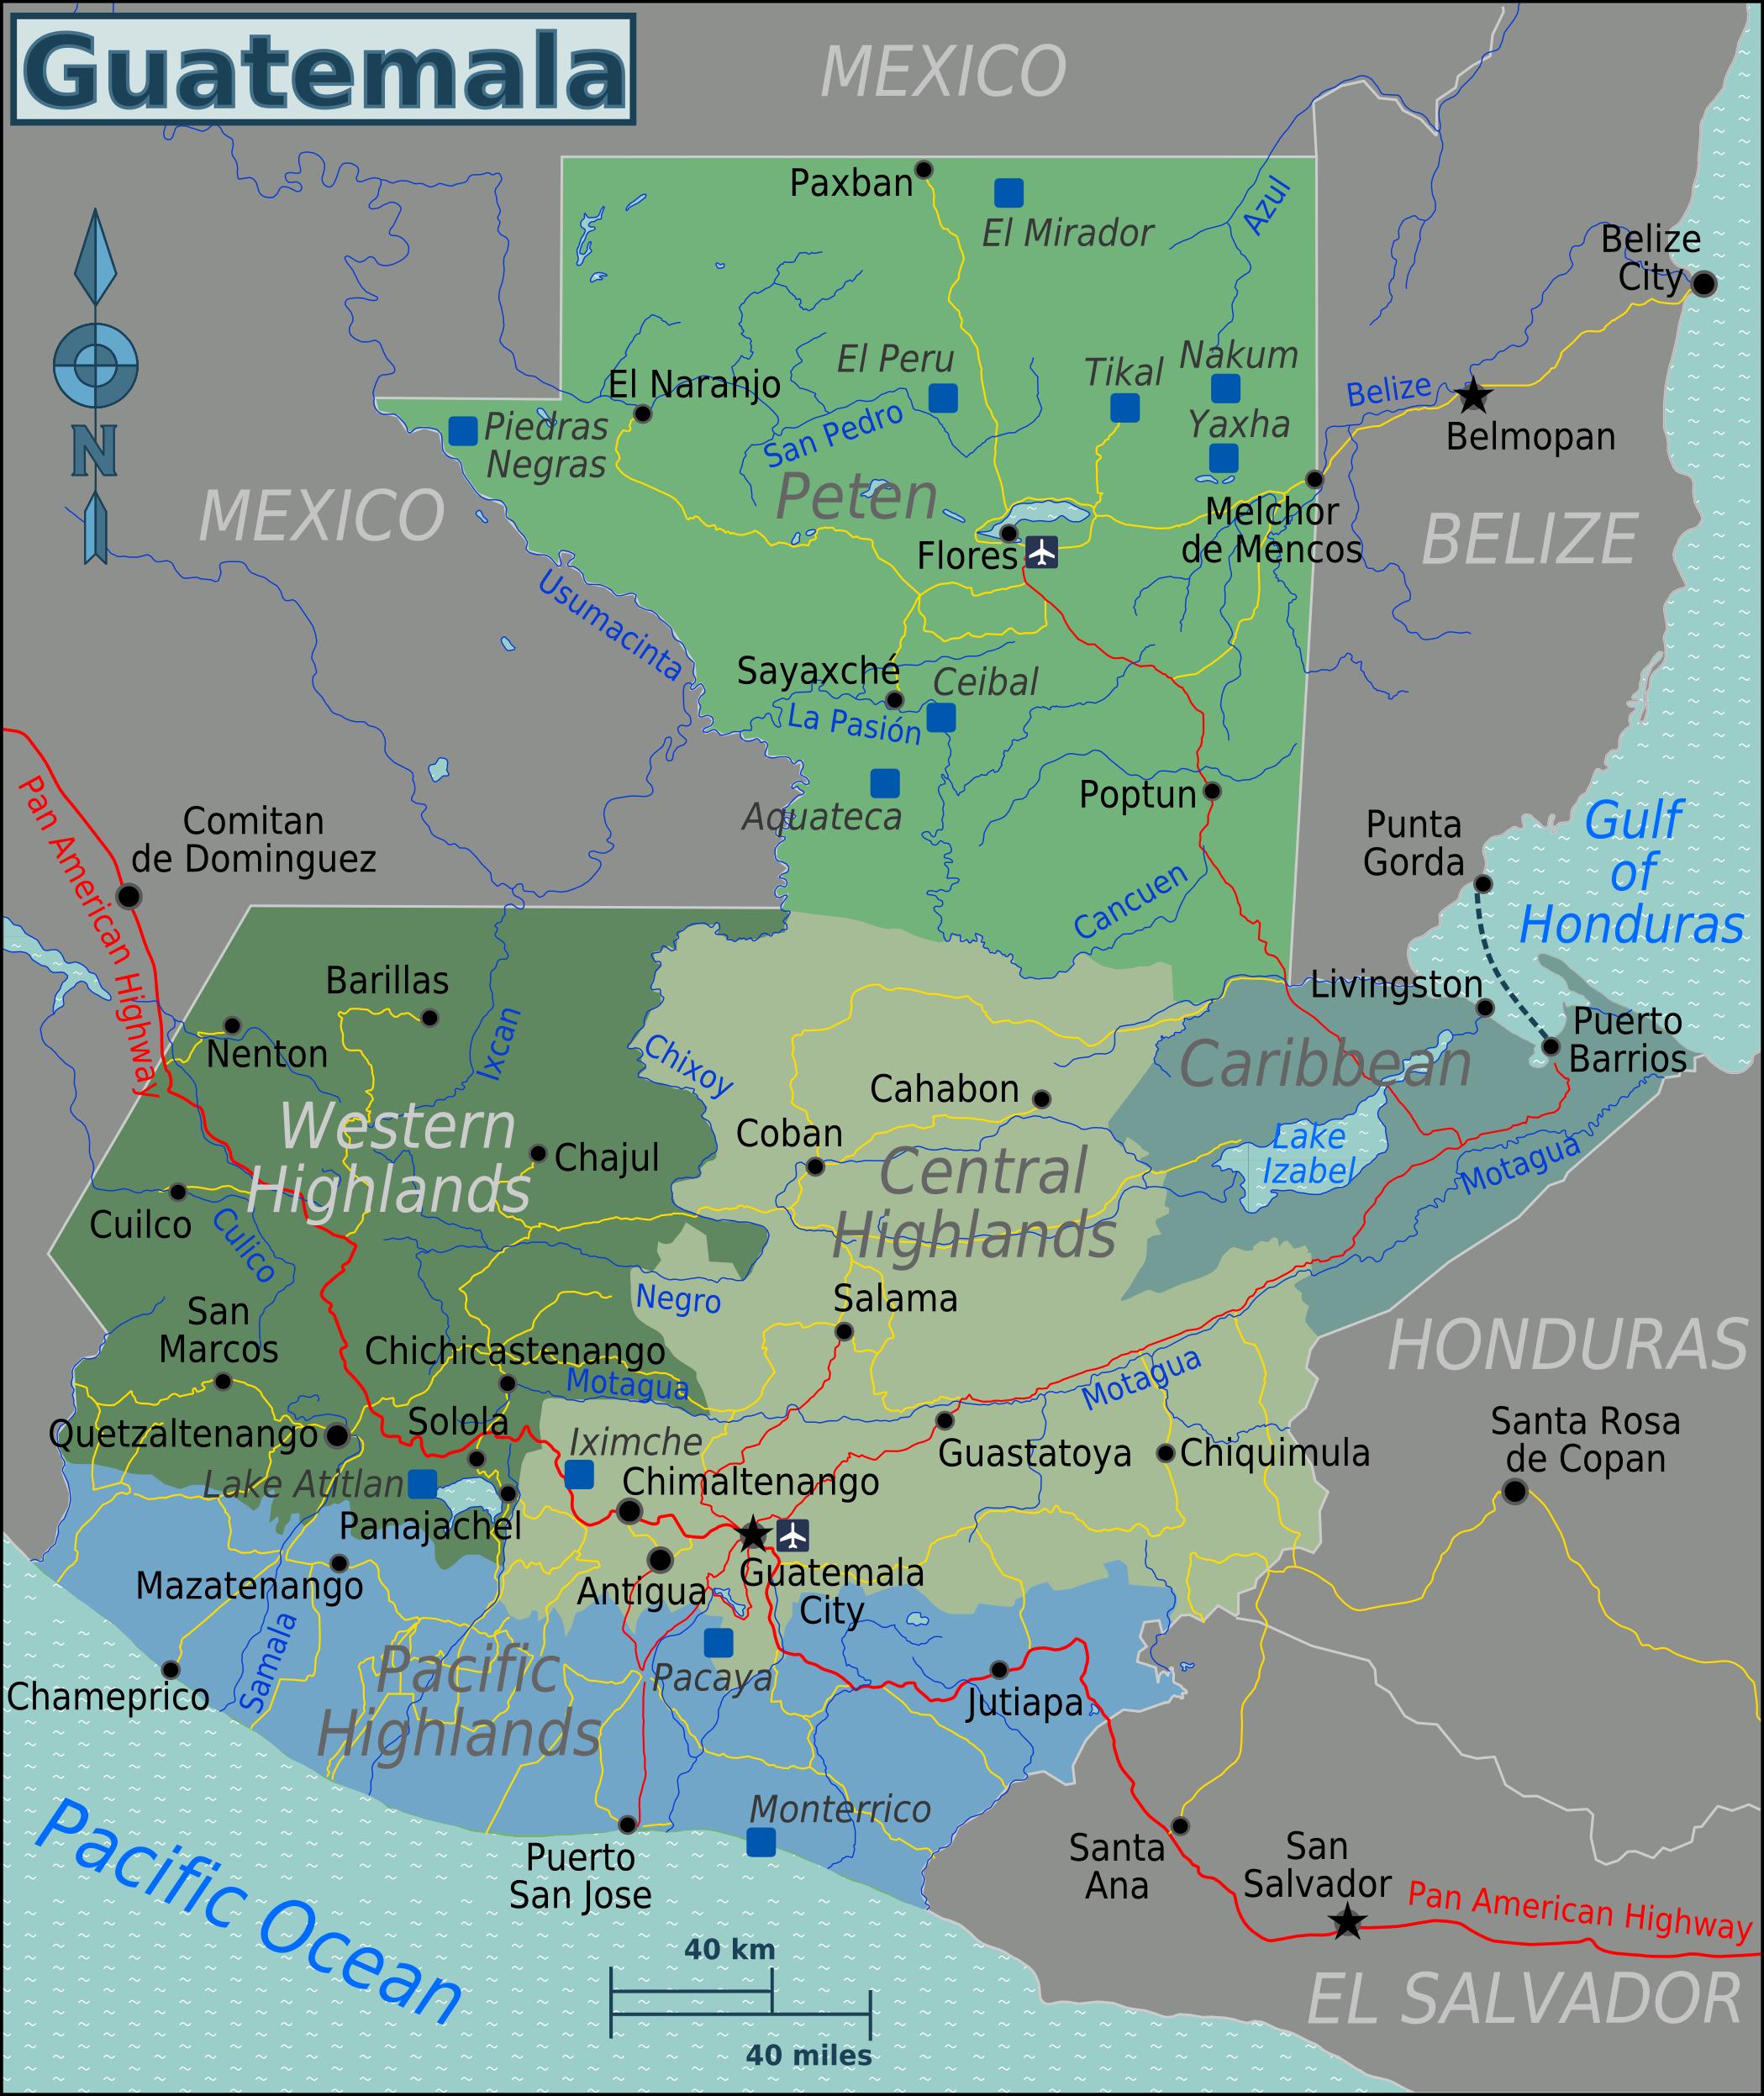 guatemala karte Landkarte Guatemala (Karte Regionen) : Weltkarte.  Karten und